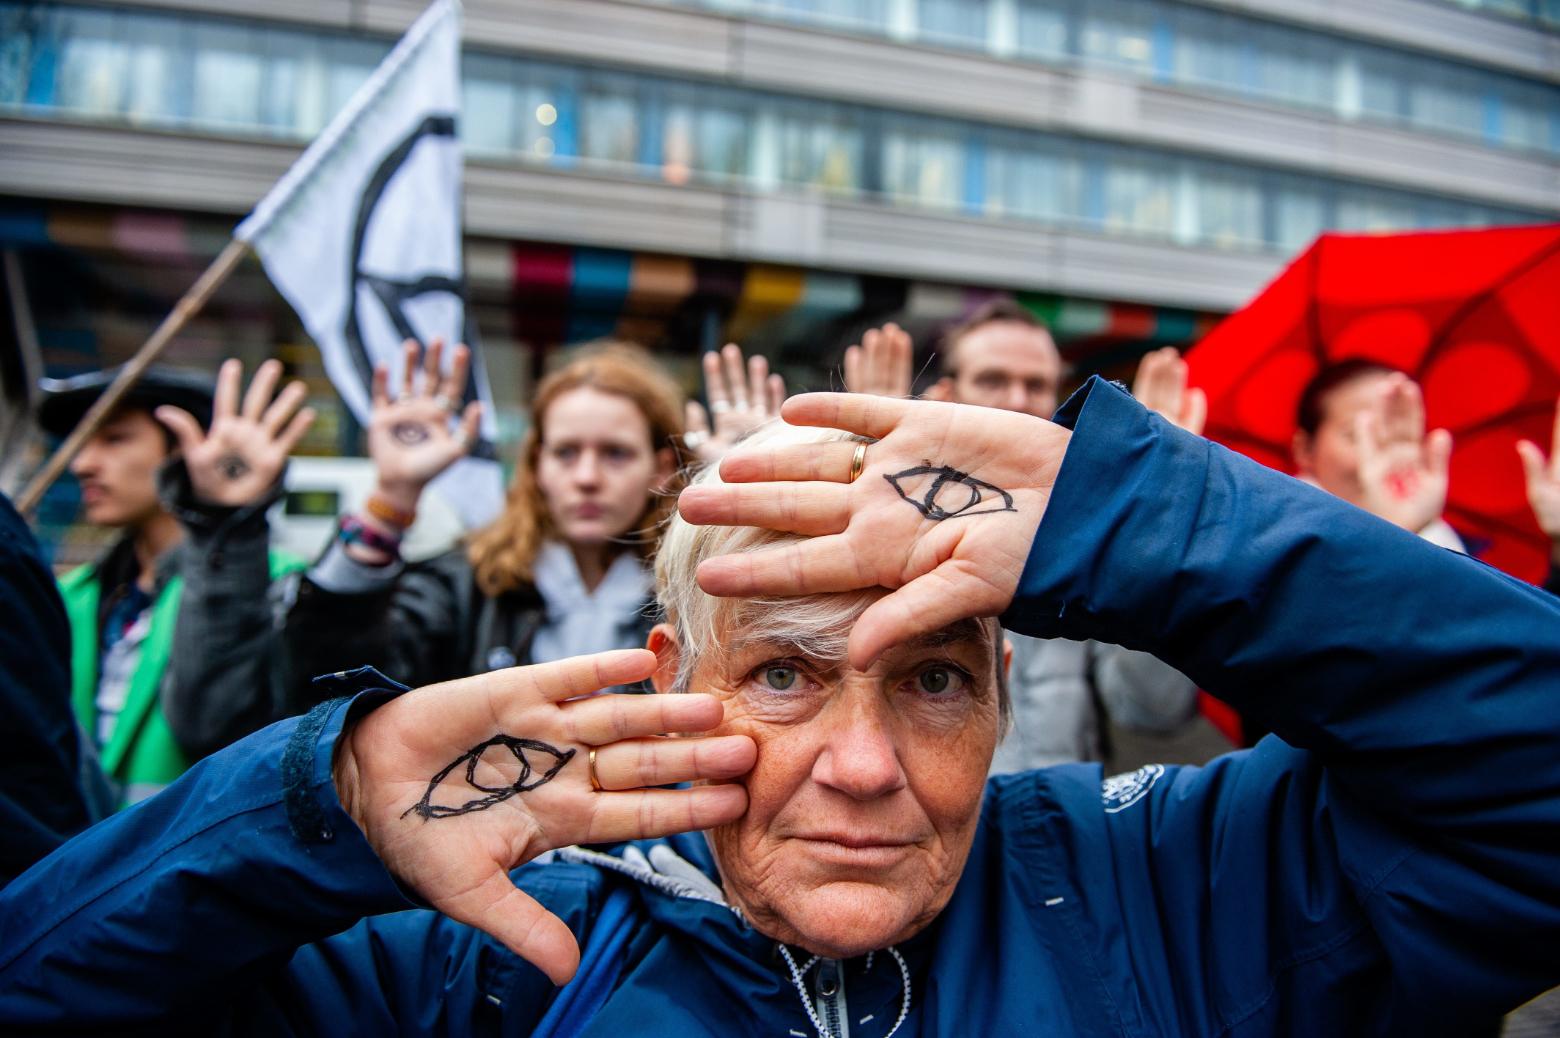 Vom Wissen zum Wandel: Demonstrantin bei Klimaprotesten in Den Haag zeigt Handflächen, darauf gemalt zwei Augen. Symbolbild: Erst wer erkennt, dass Veränderungen nötig sind, um Gutes zu bewahren, ist zum Wandel bereit. In: Prinzip Apfelbaum. Magazin über das, was bleibt. Foto: picture alliance/dpa